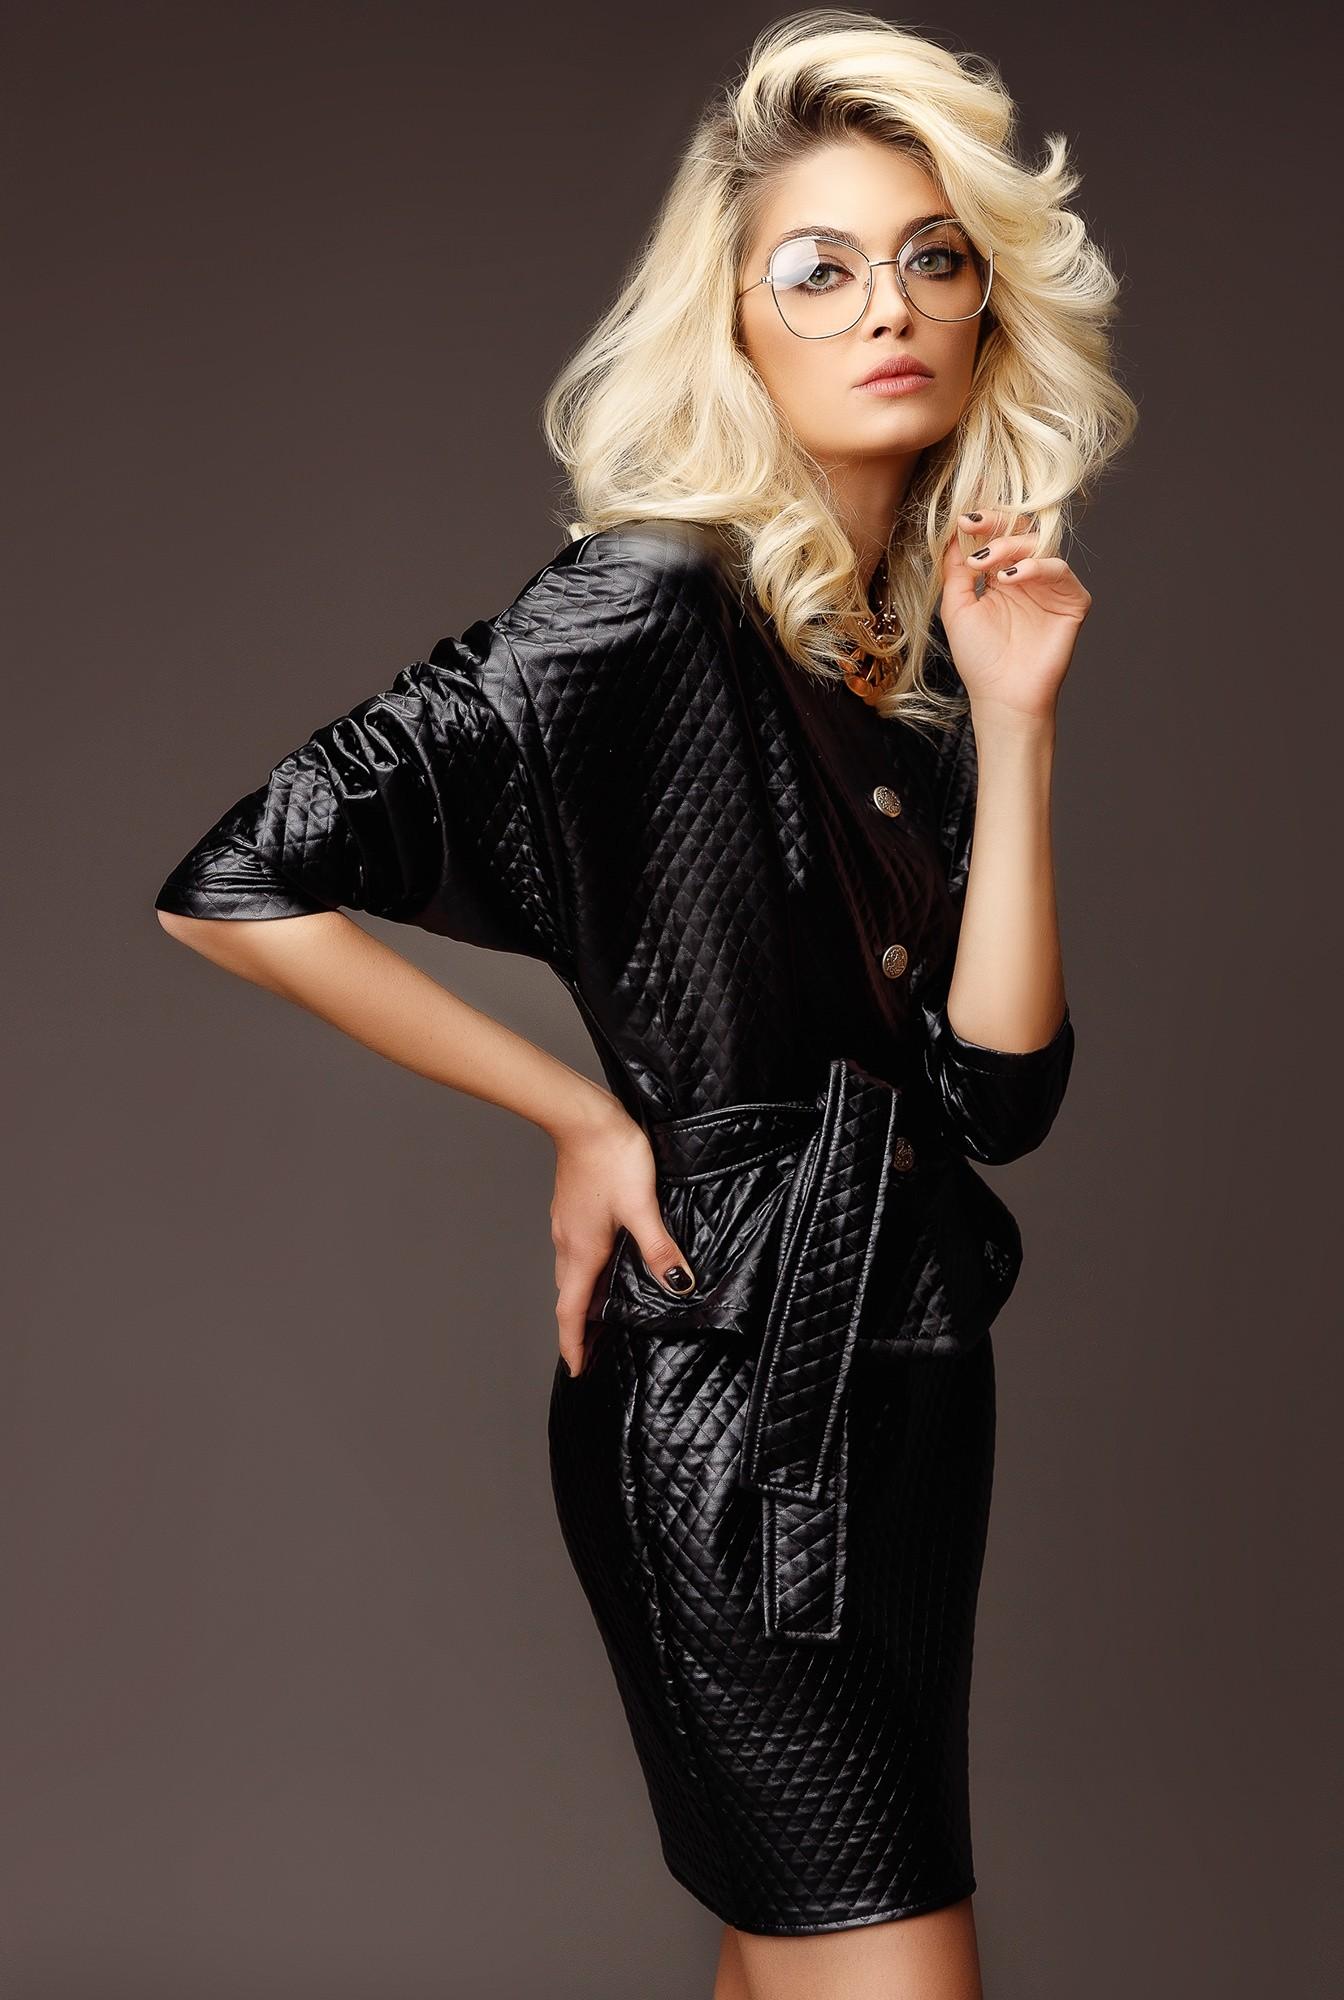 1 - compleu negru, cu fusta scurta, cu jacheta cu capse